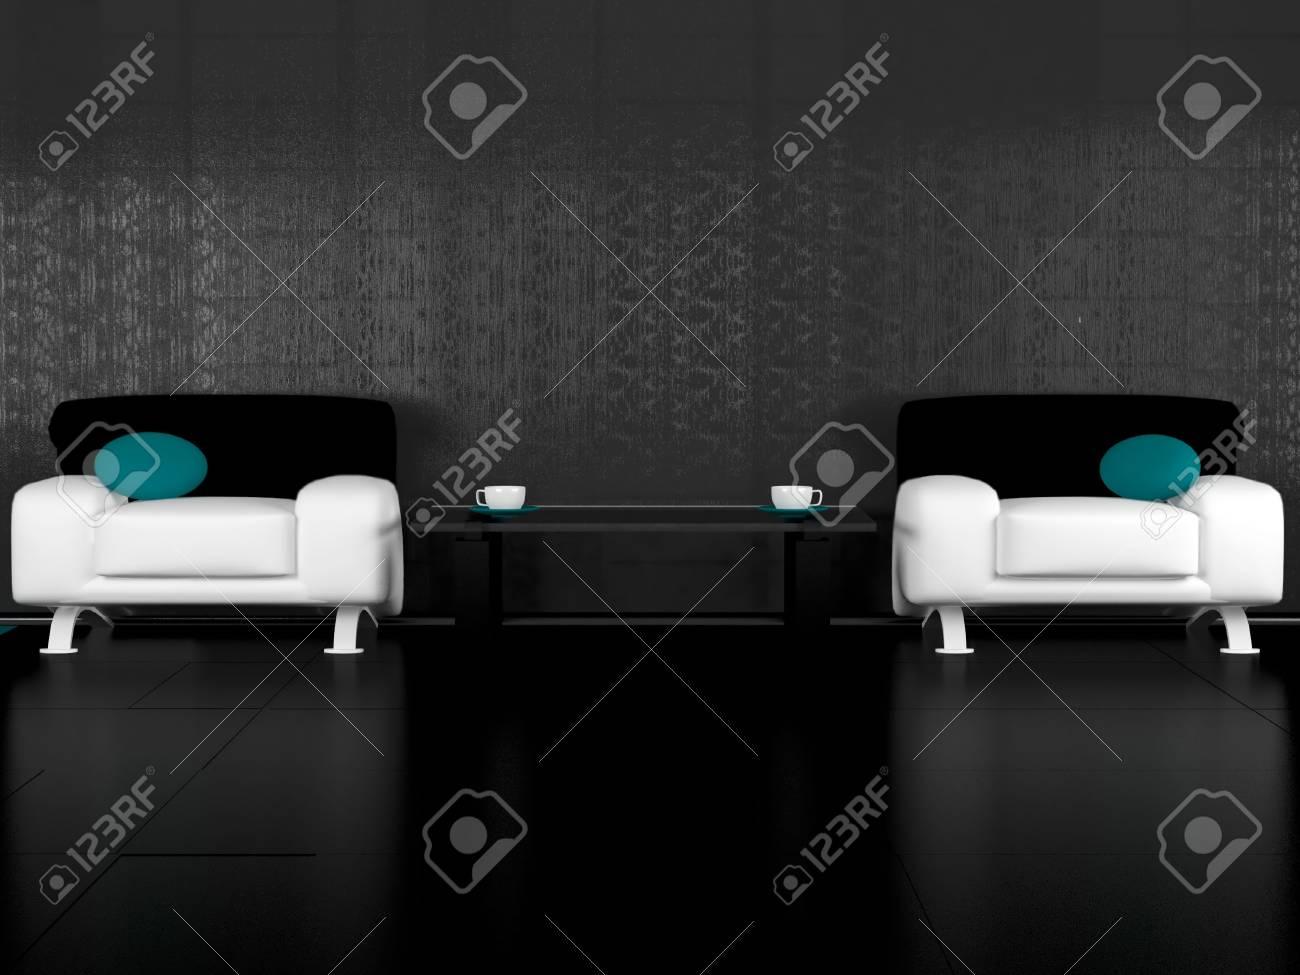 Modern Living Room For Coffee Break 3d Illustrations Stock Photo